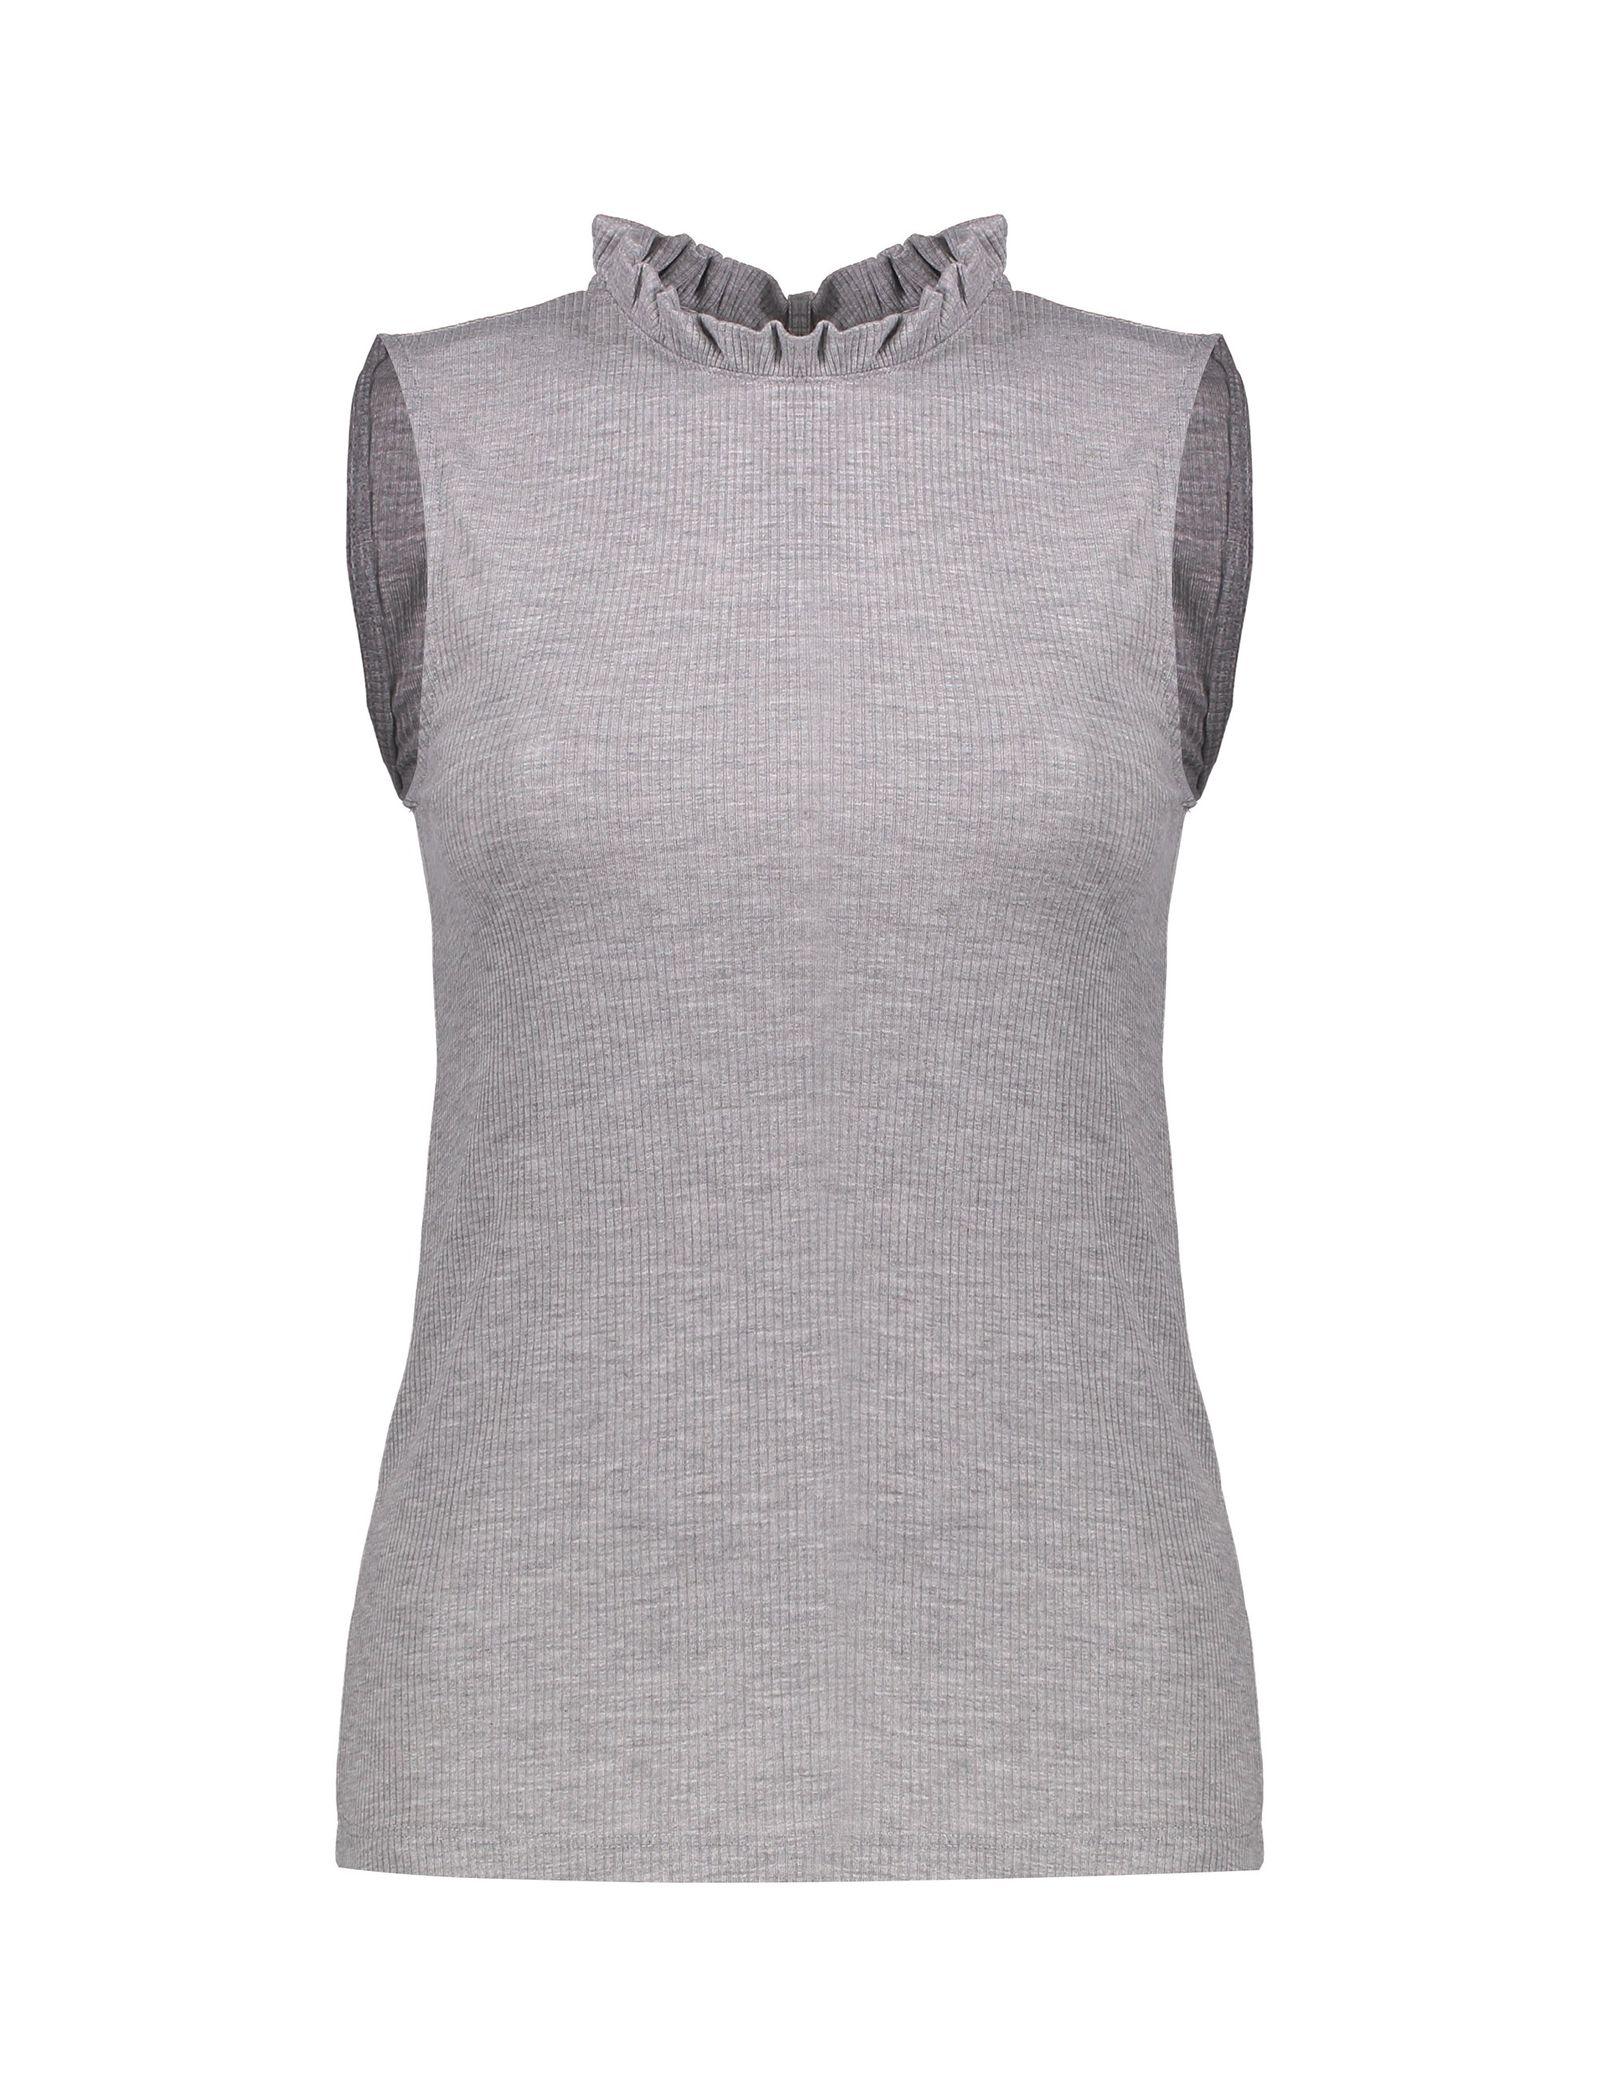 تی شرت آستین حلقه ای زنانه - پی سز - طوسي ملانژ - 1